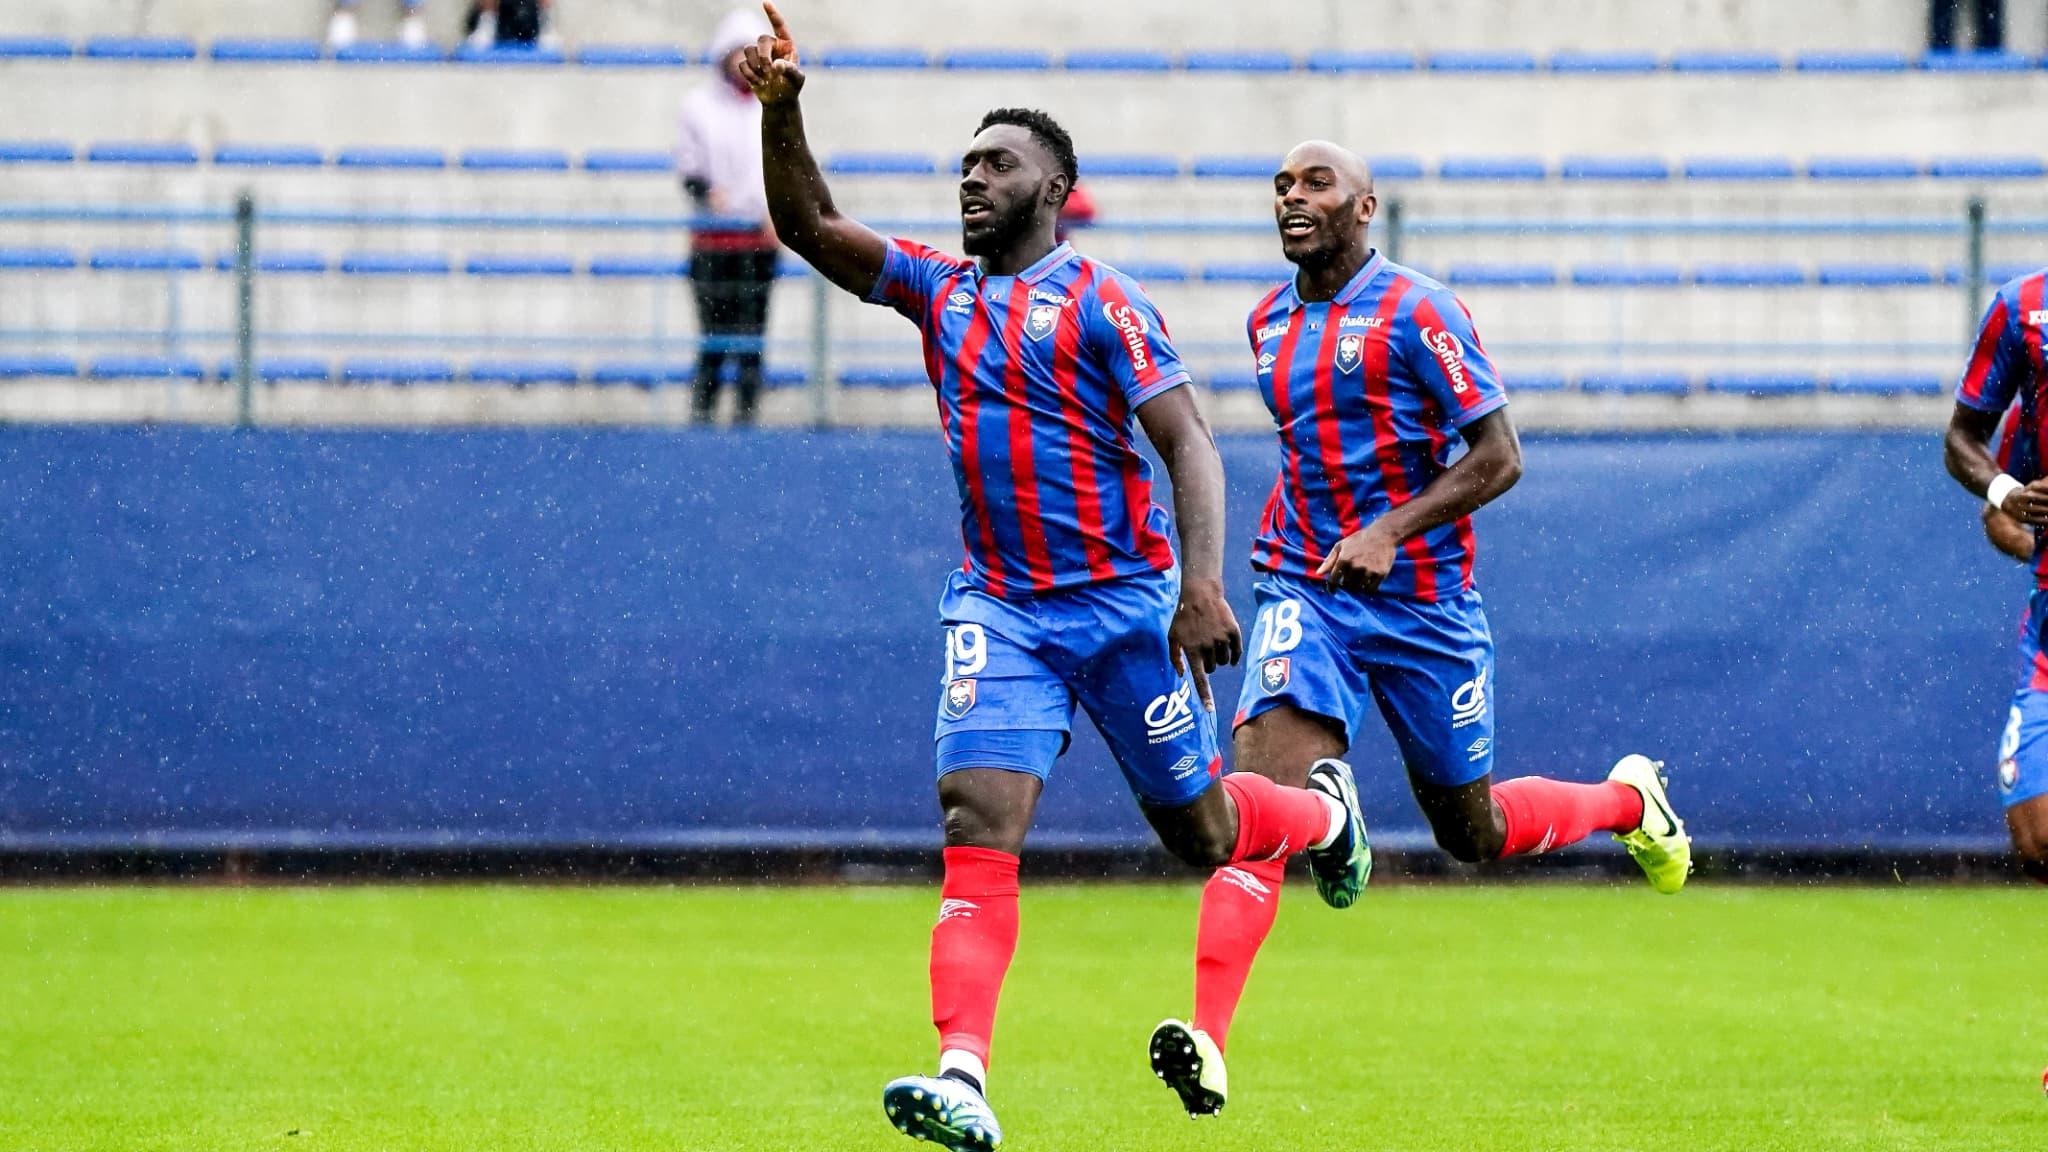 Ligue 2: Mendy cartonne déjà avec Caen, Adli prend rouge avant un probable départ de Toulouse - RMC Sport